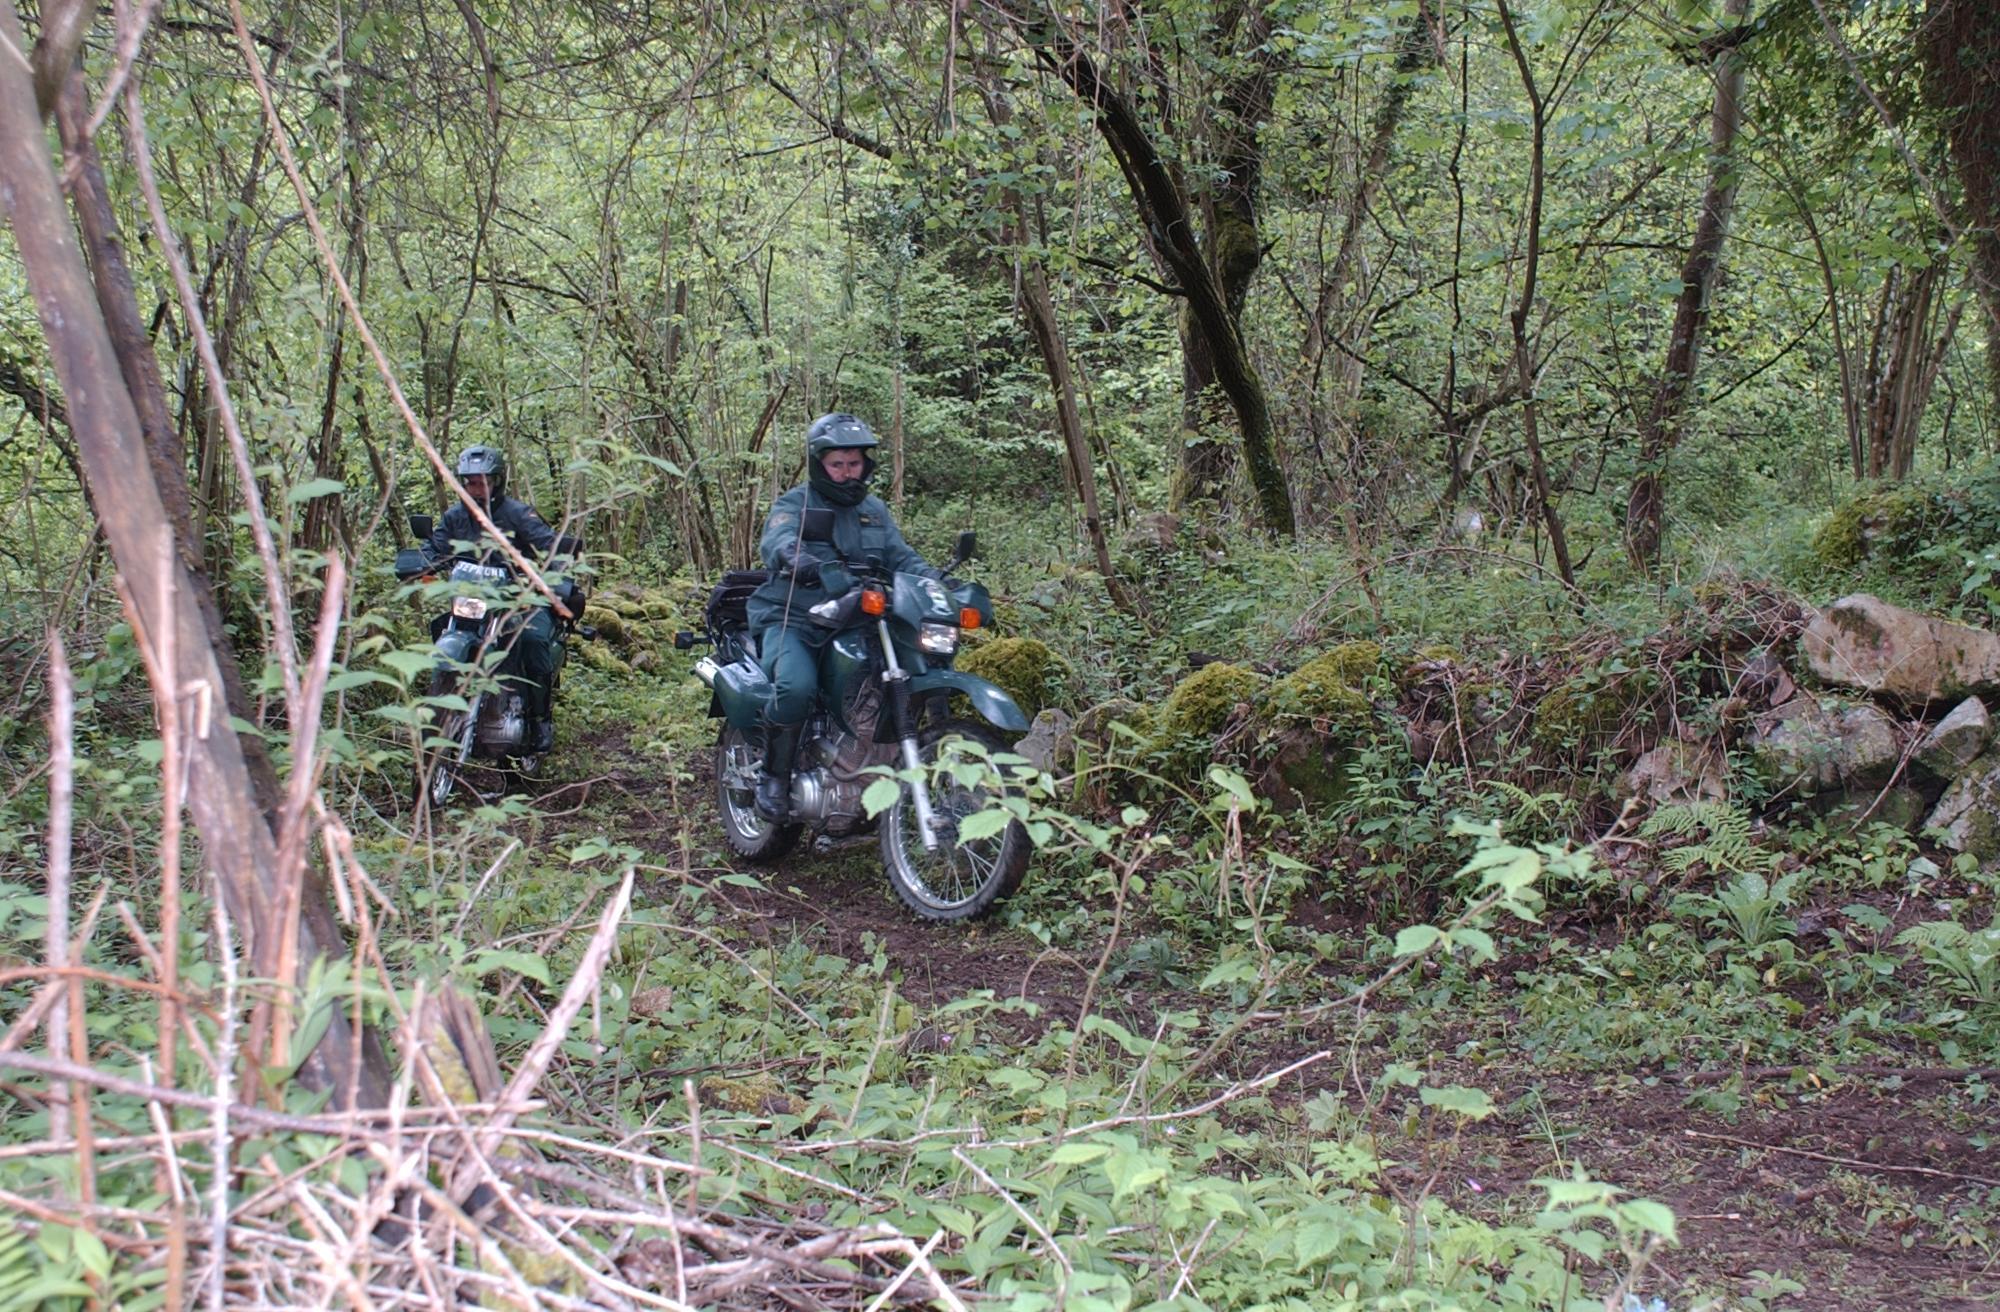 La Guardia Civil rescata a una mujer desorientada en Villanueva de Oscos y localiza a otra mujer desaparecida de avanzada edad en La Foz de Morcín.